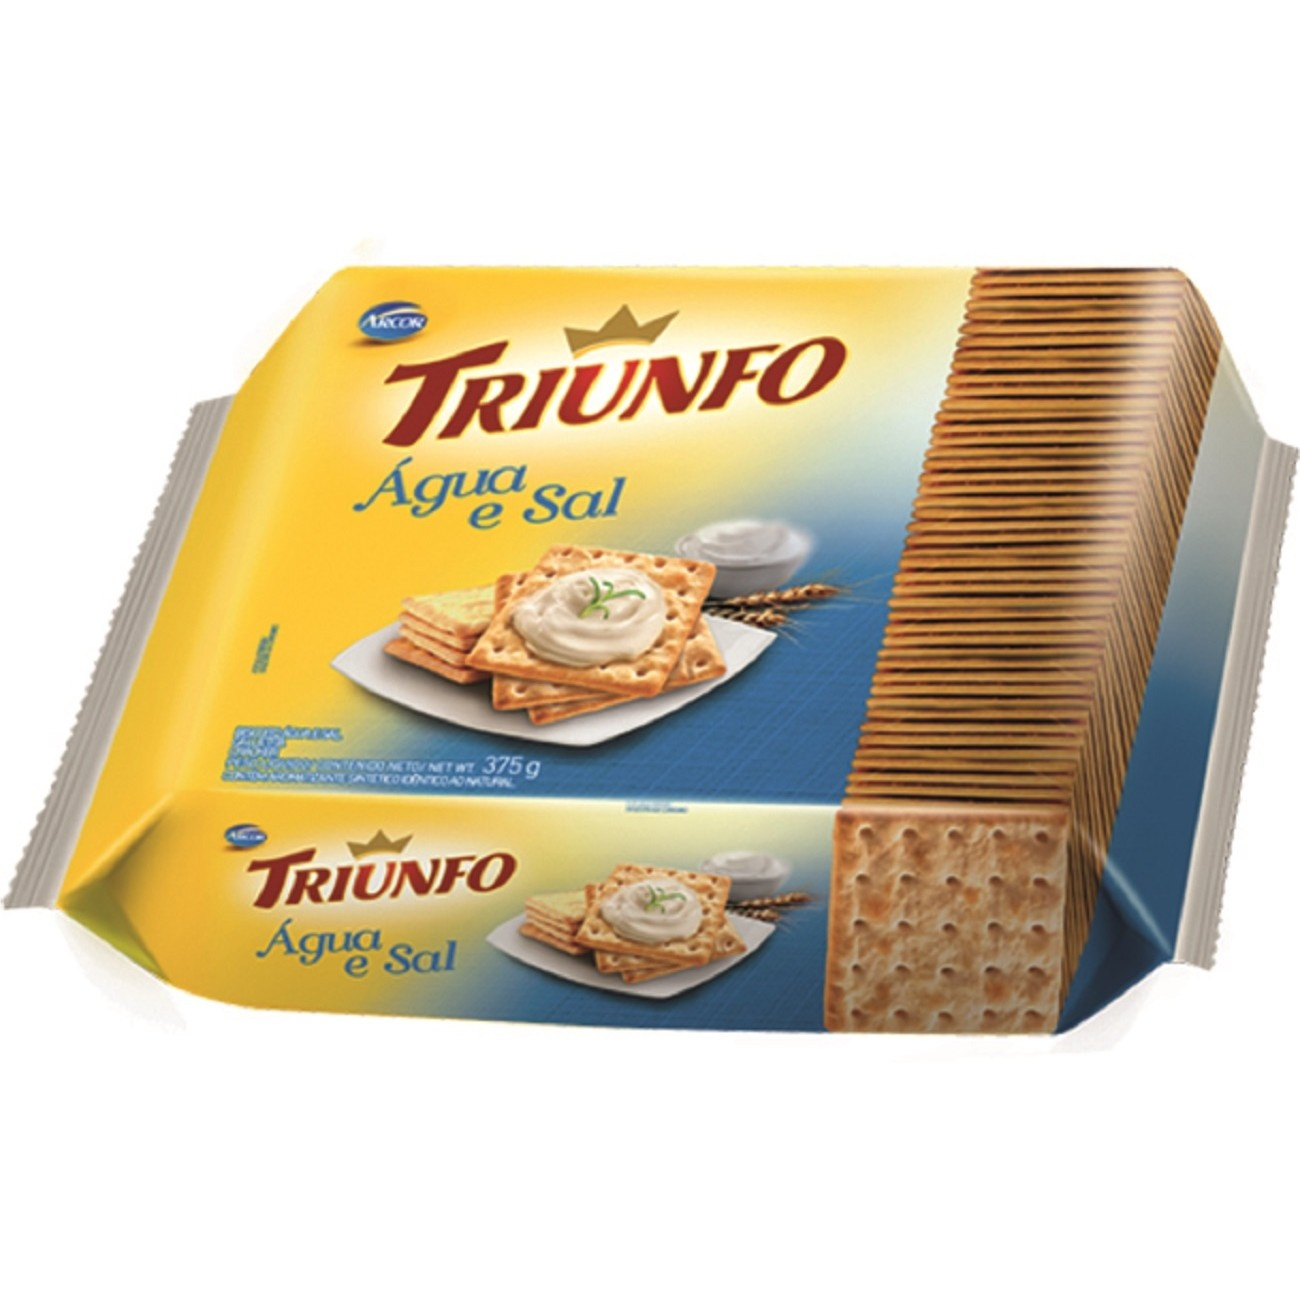 Biscoito Triunfo Água e Sal 375g Multipack